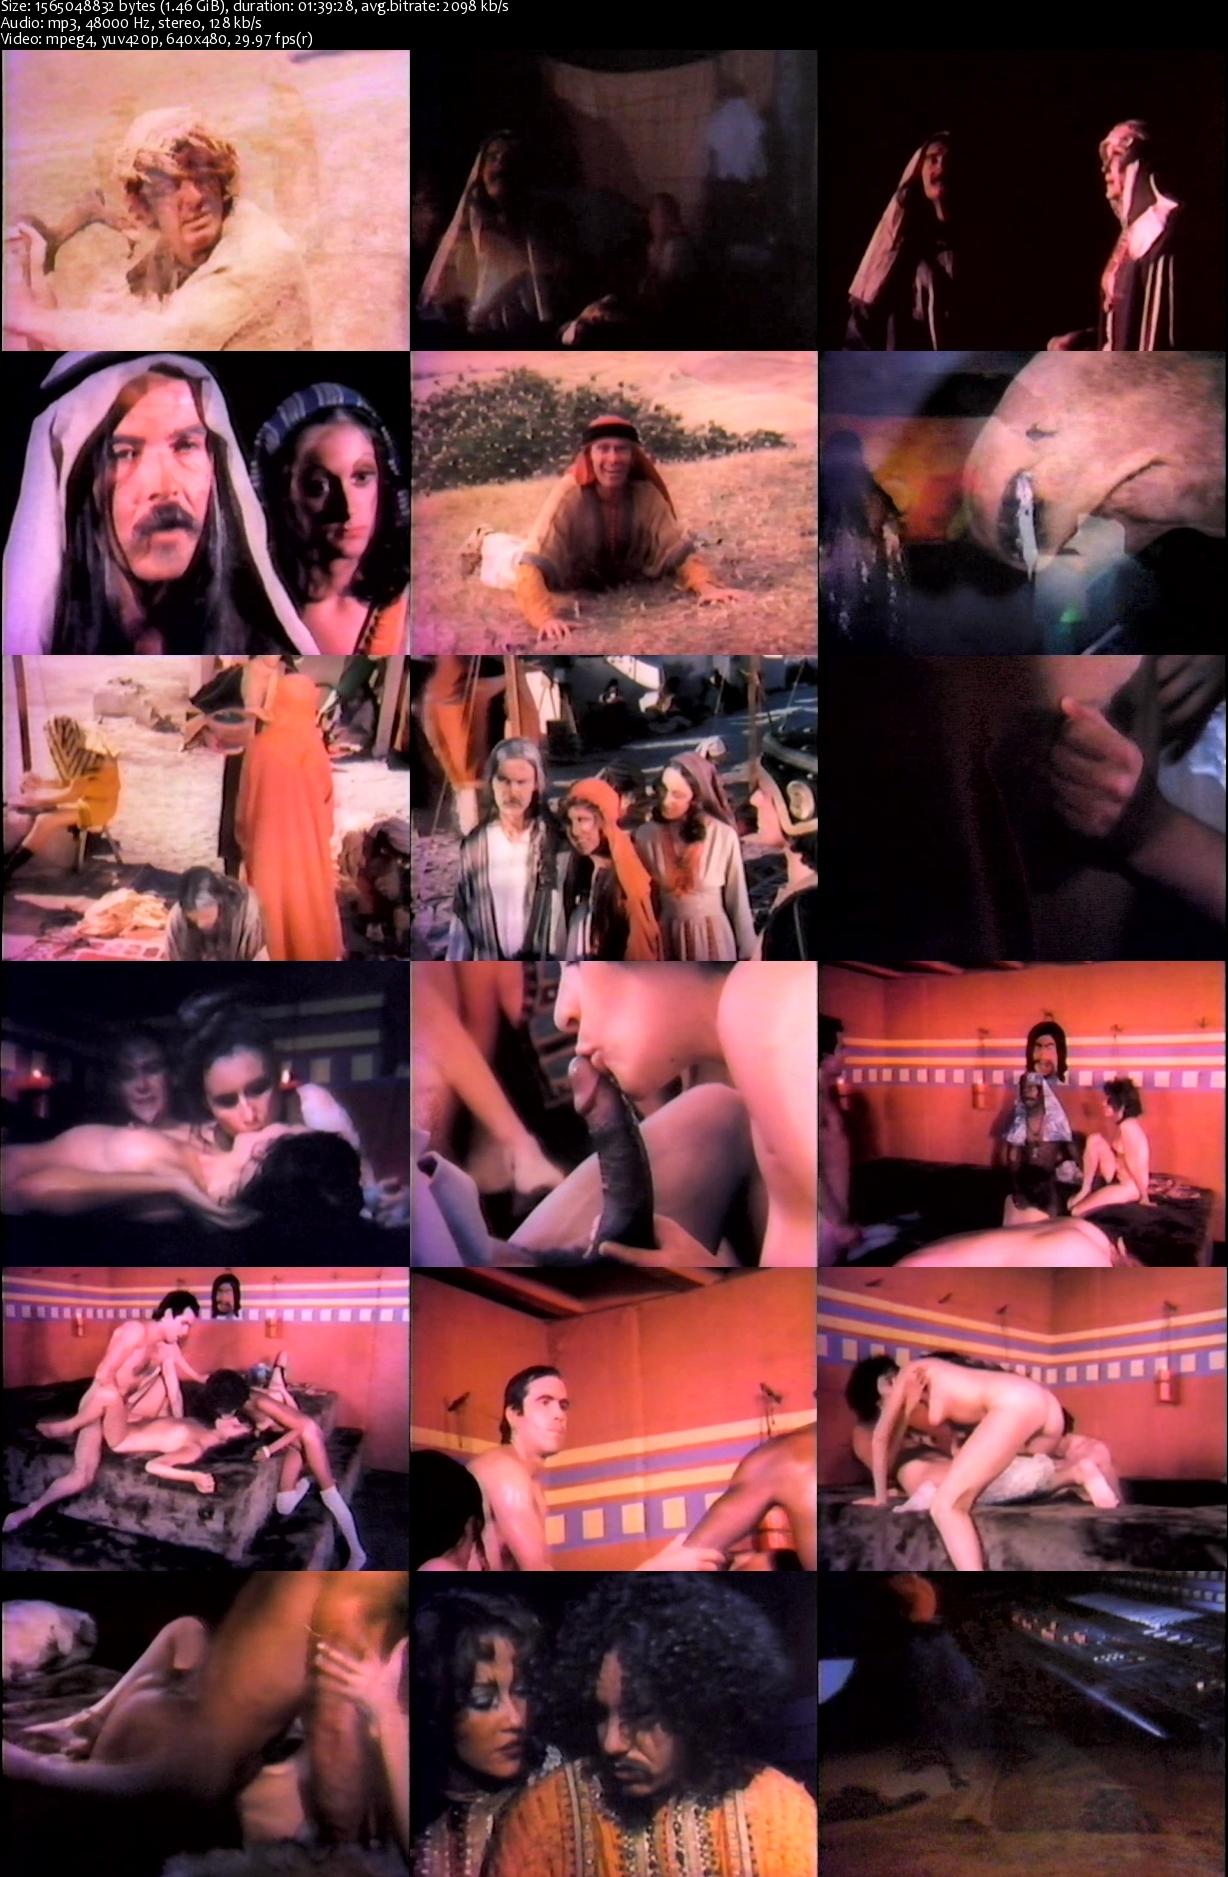 Порно Фильм Содом